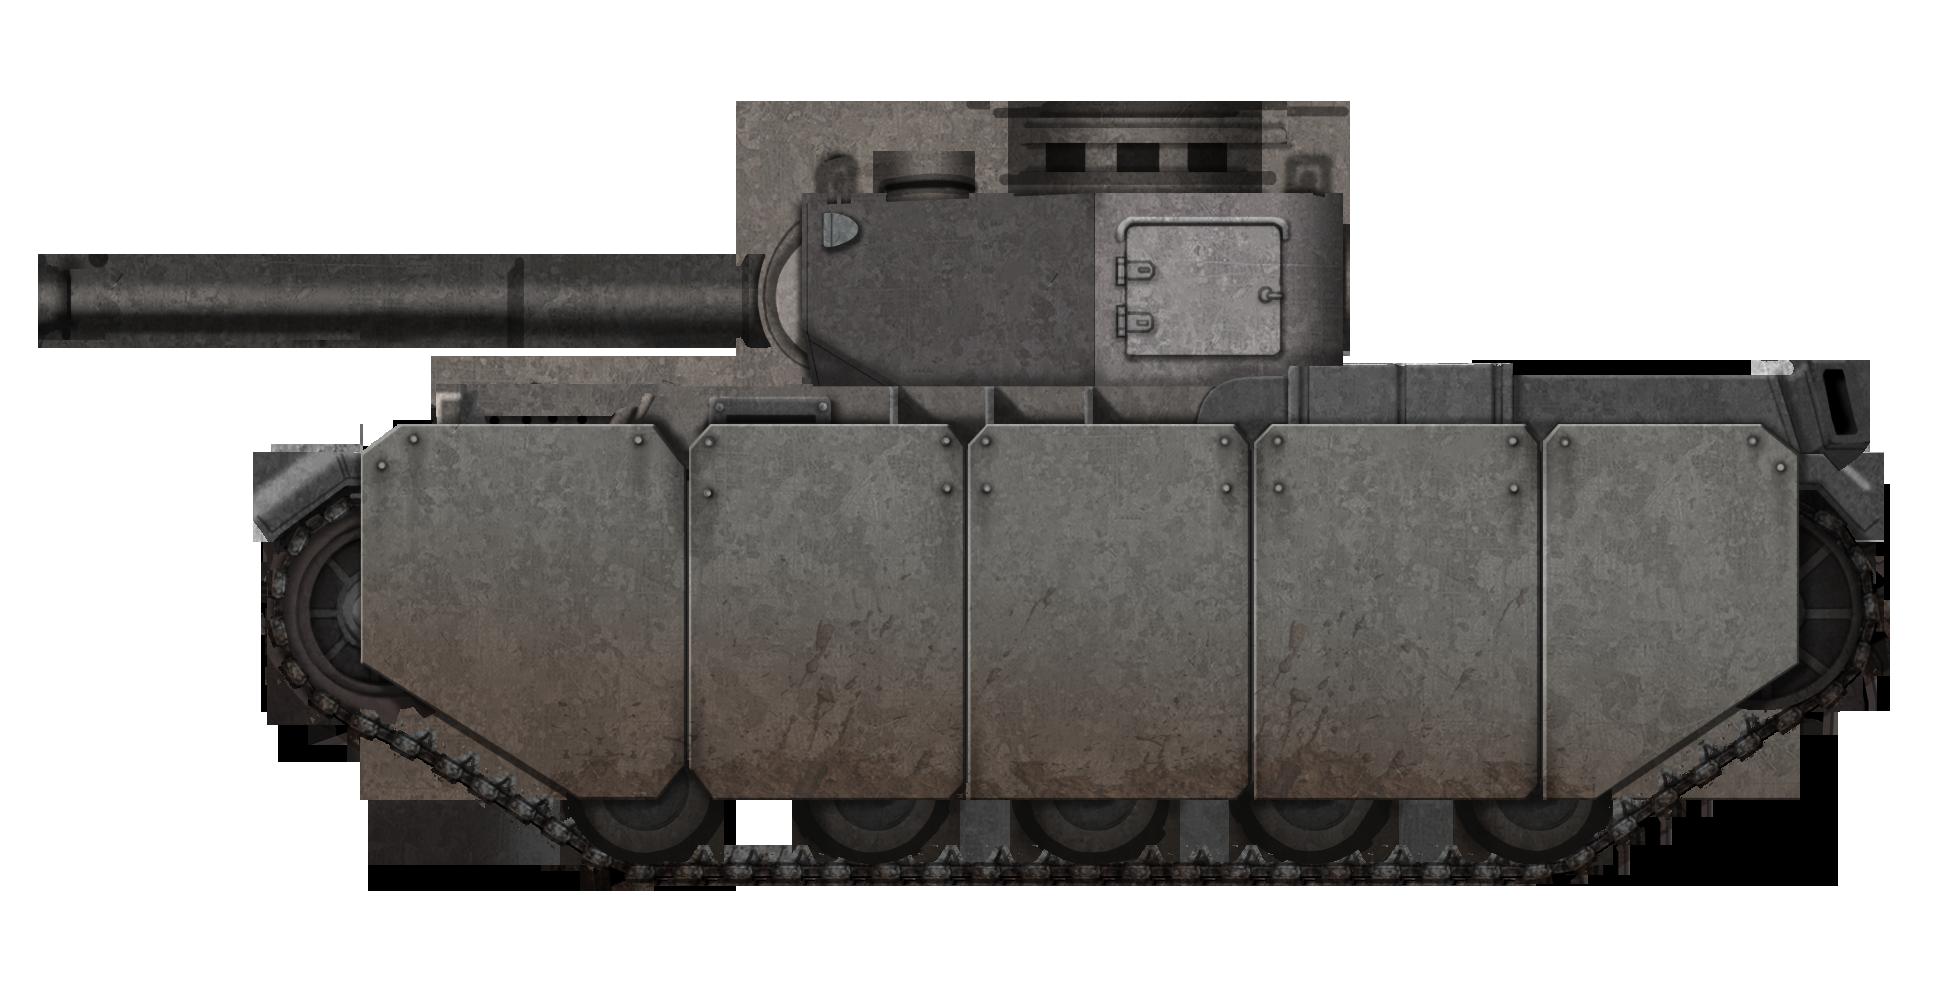 Tanks in Fullmetal Alchemist